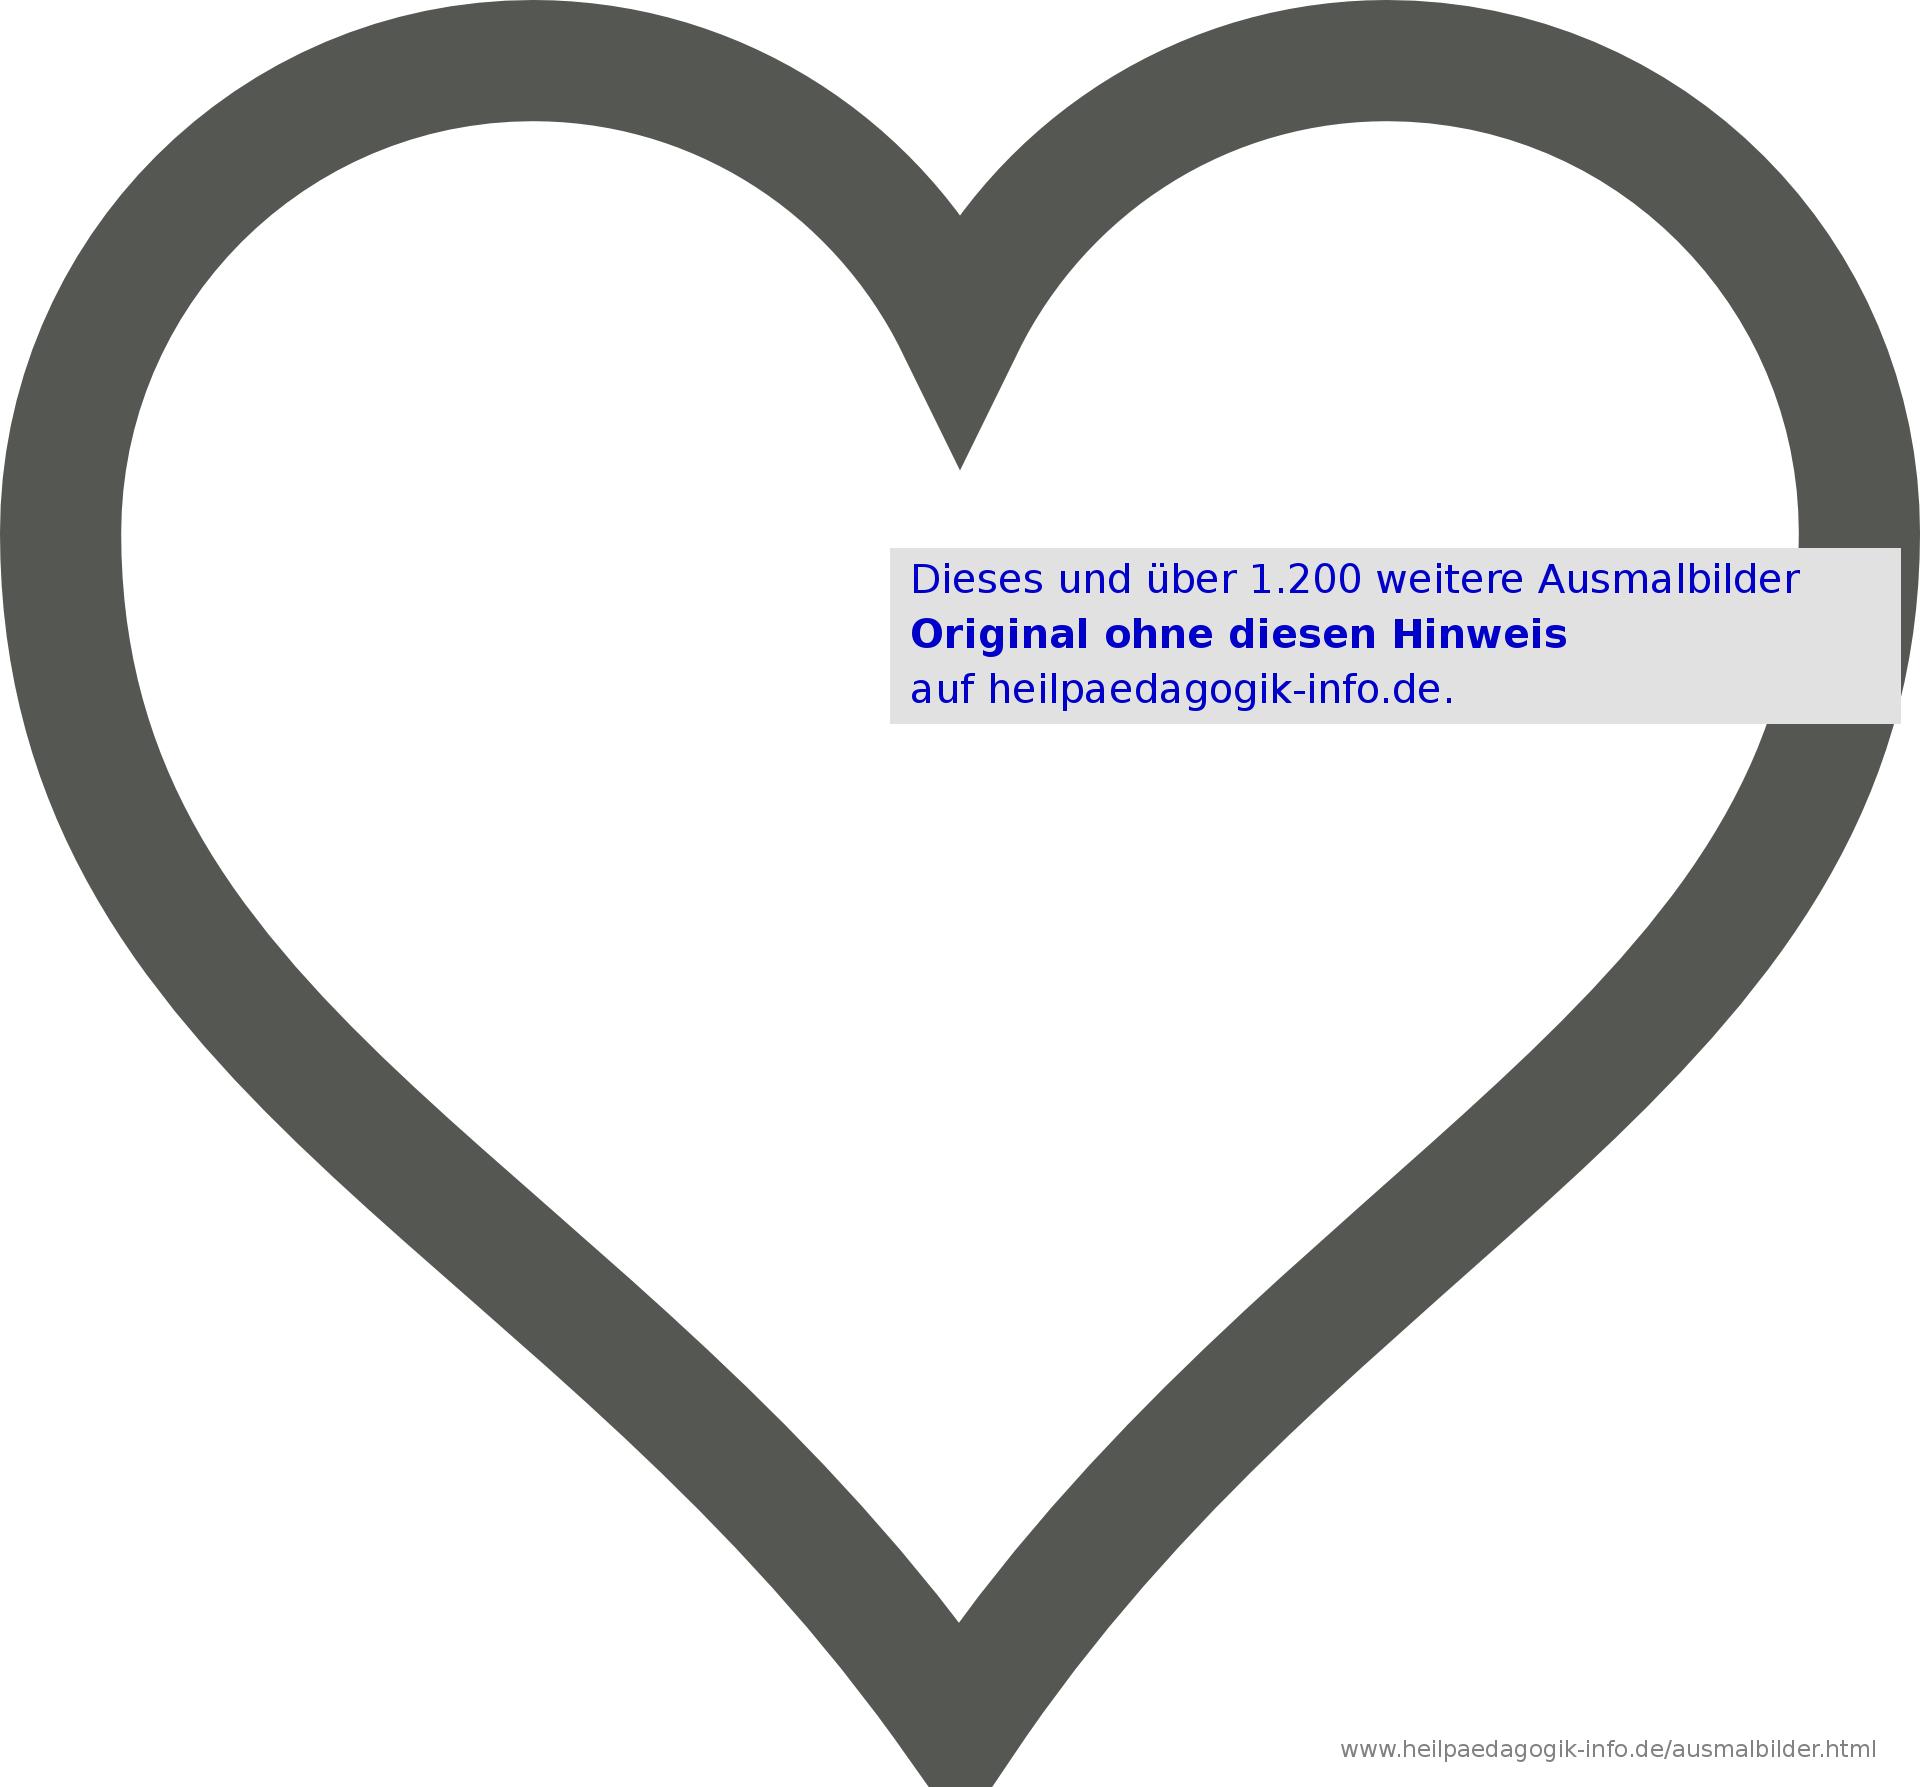 Ausmalbilder Herzen ganzes Malvorlage Herz